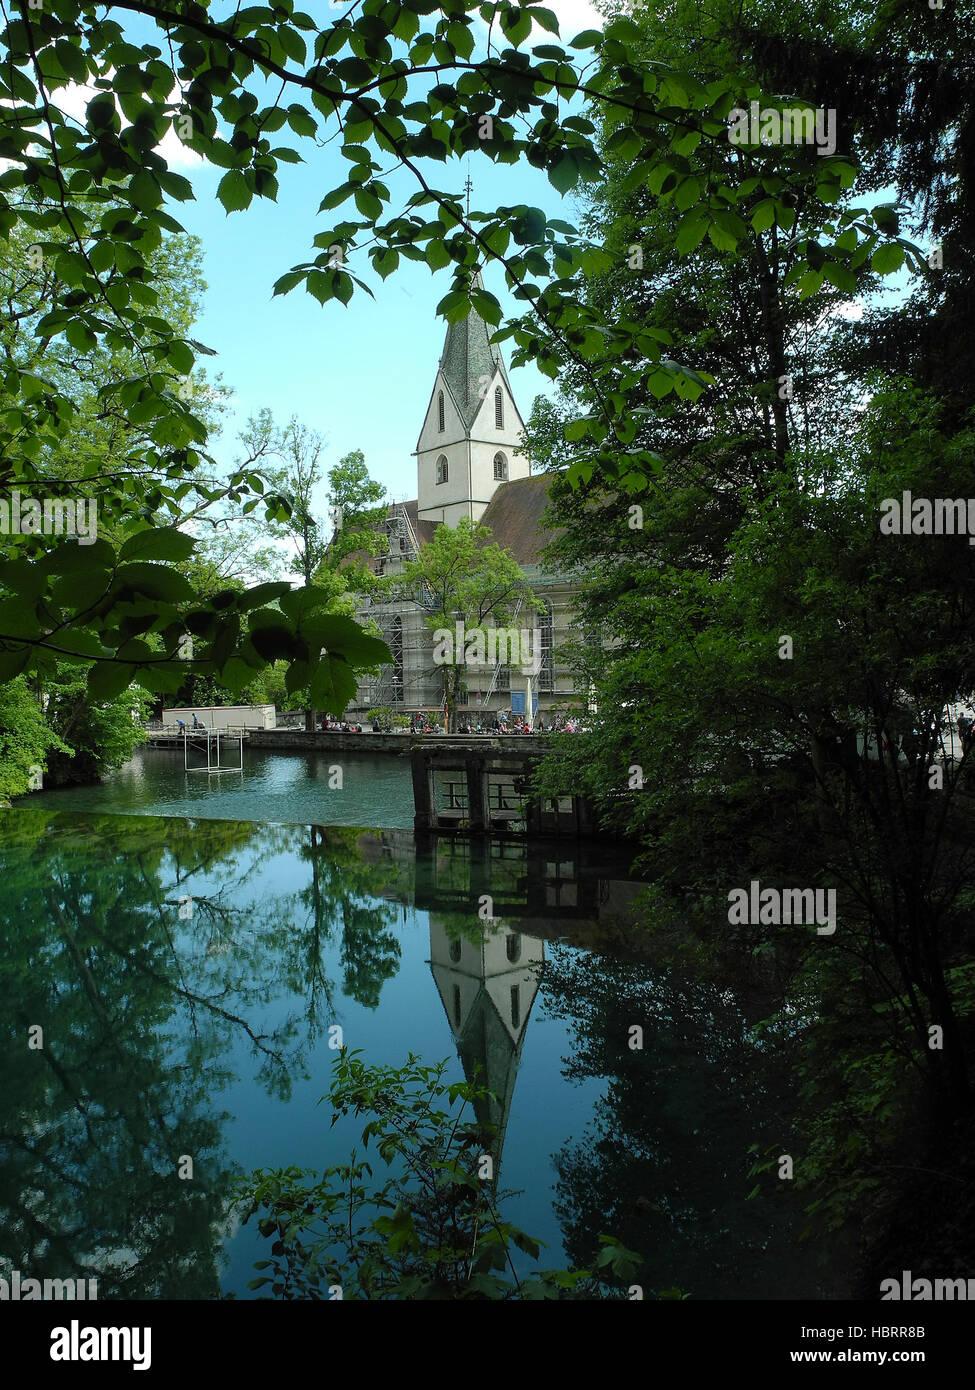 Blautopf-Klosterkirche spiegelt sich im Wasser - Stock Image